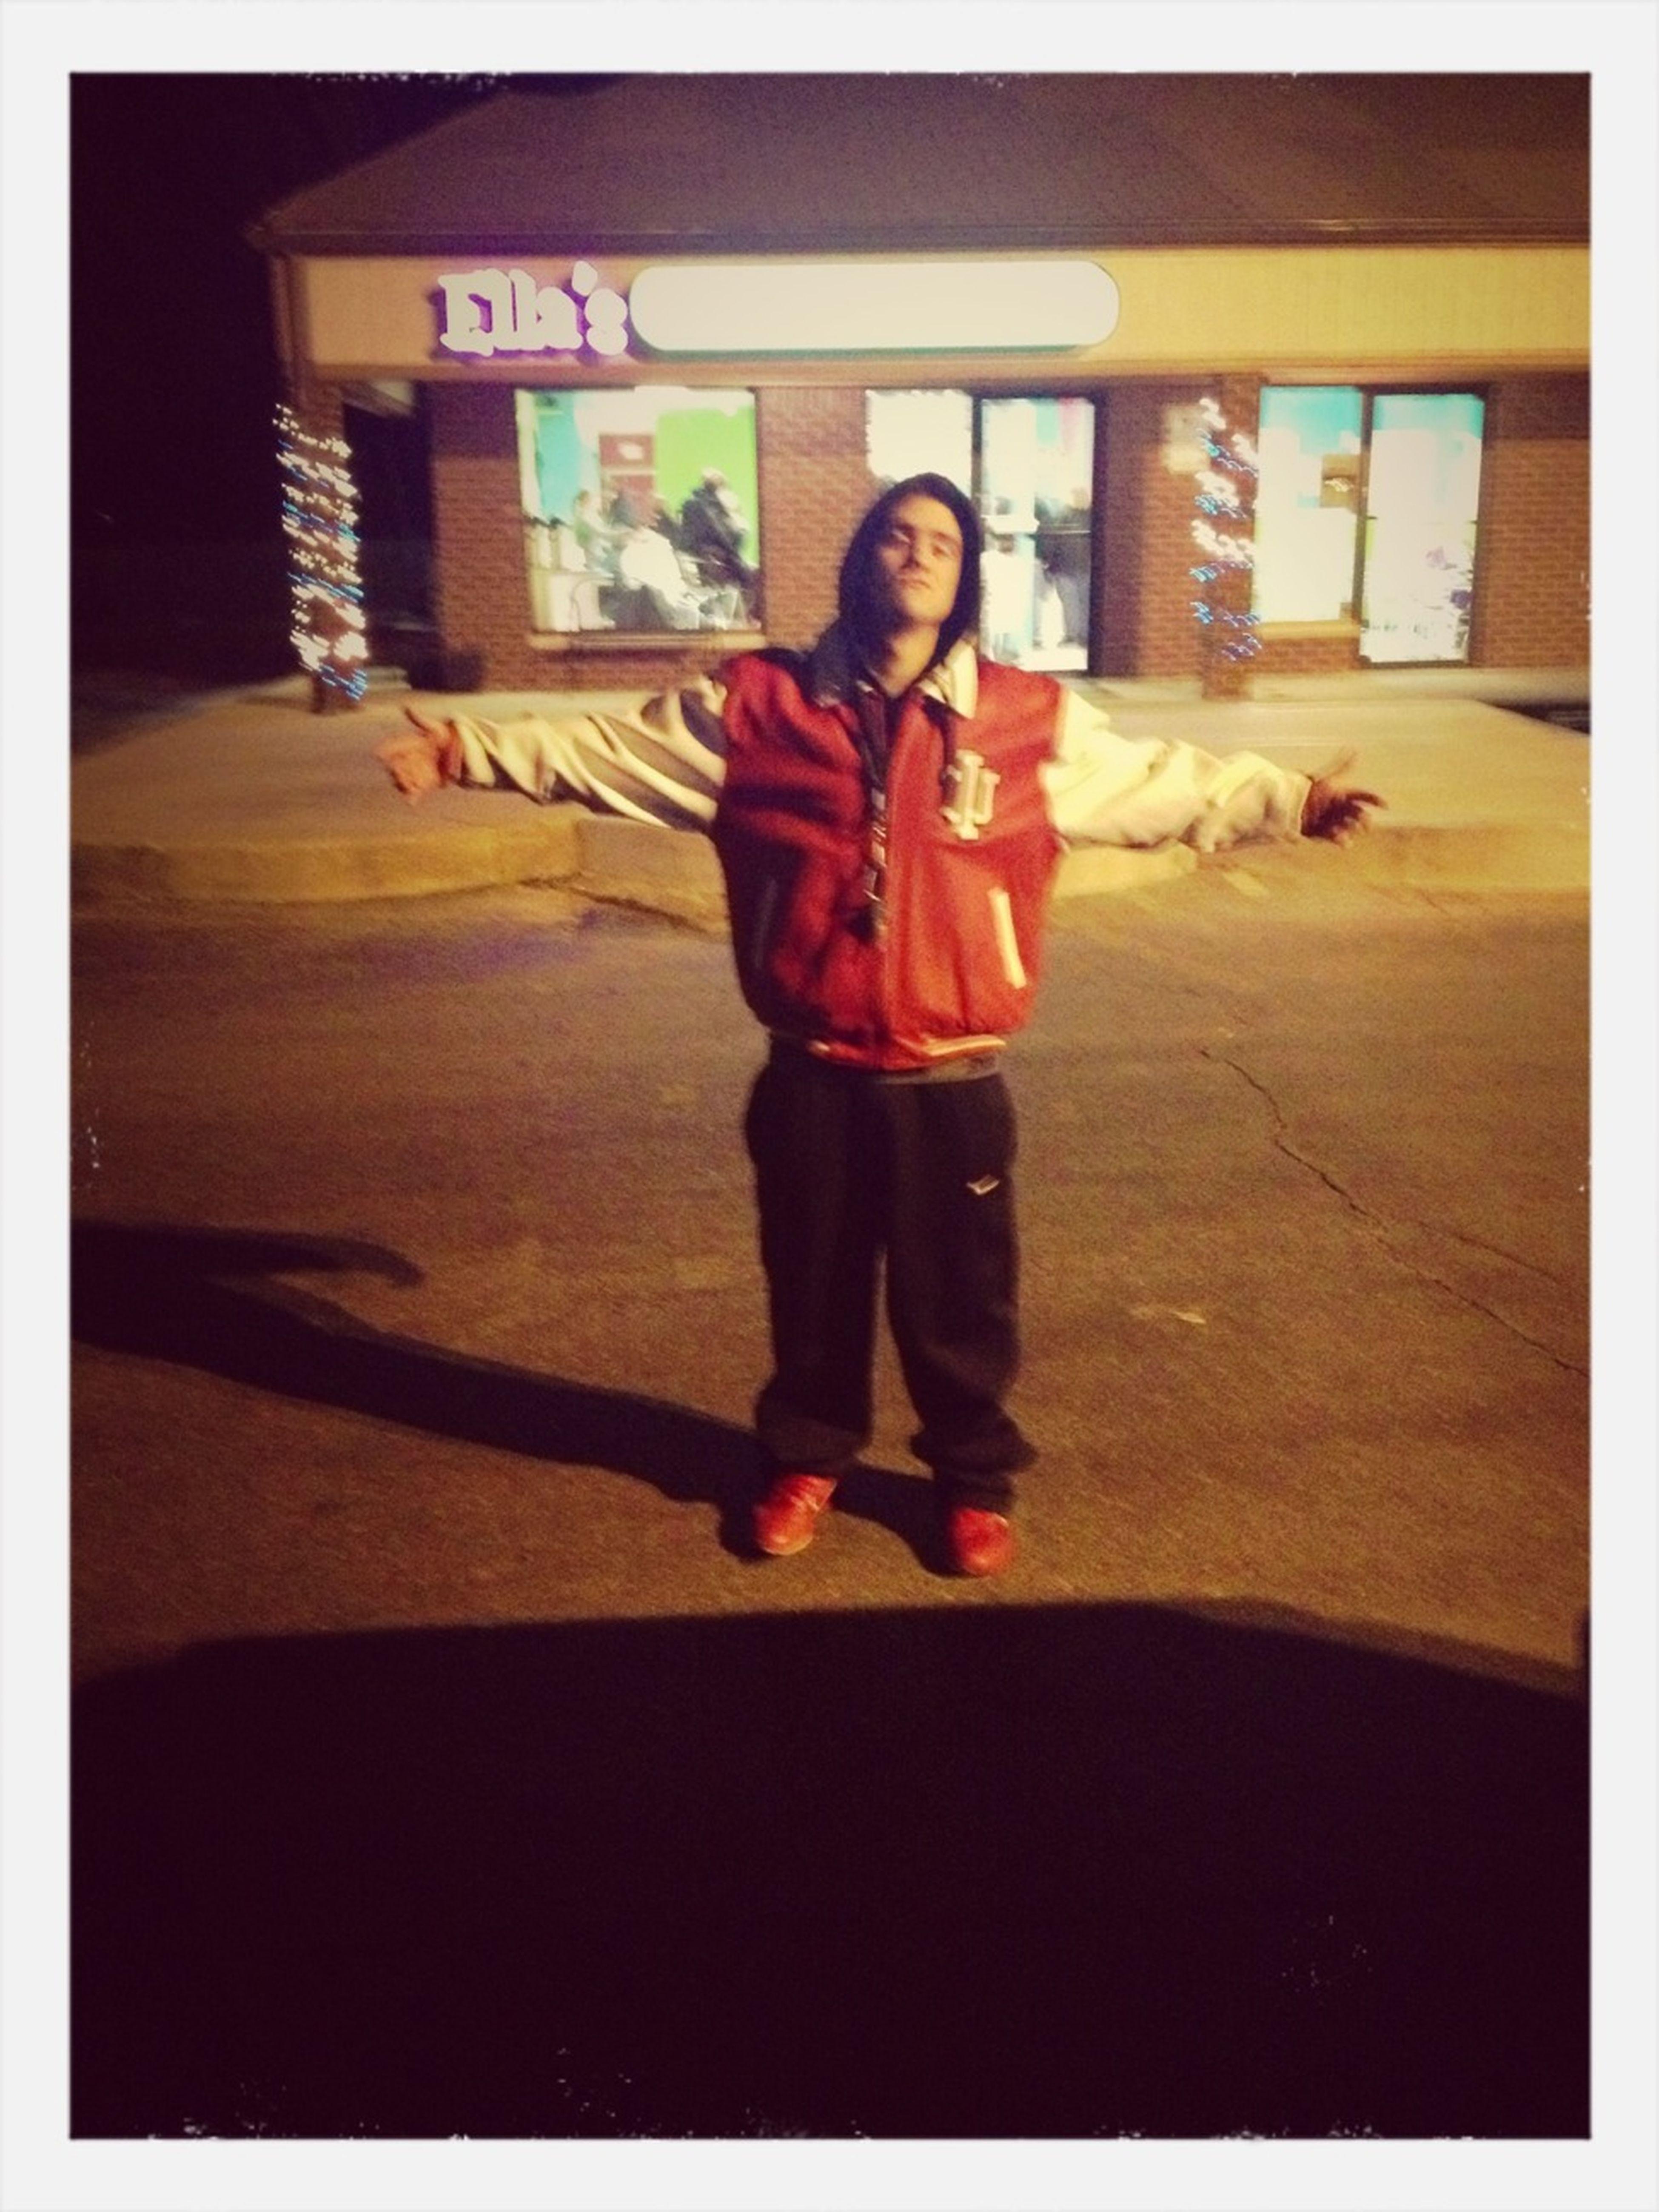 Thug Life Lol